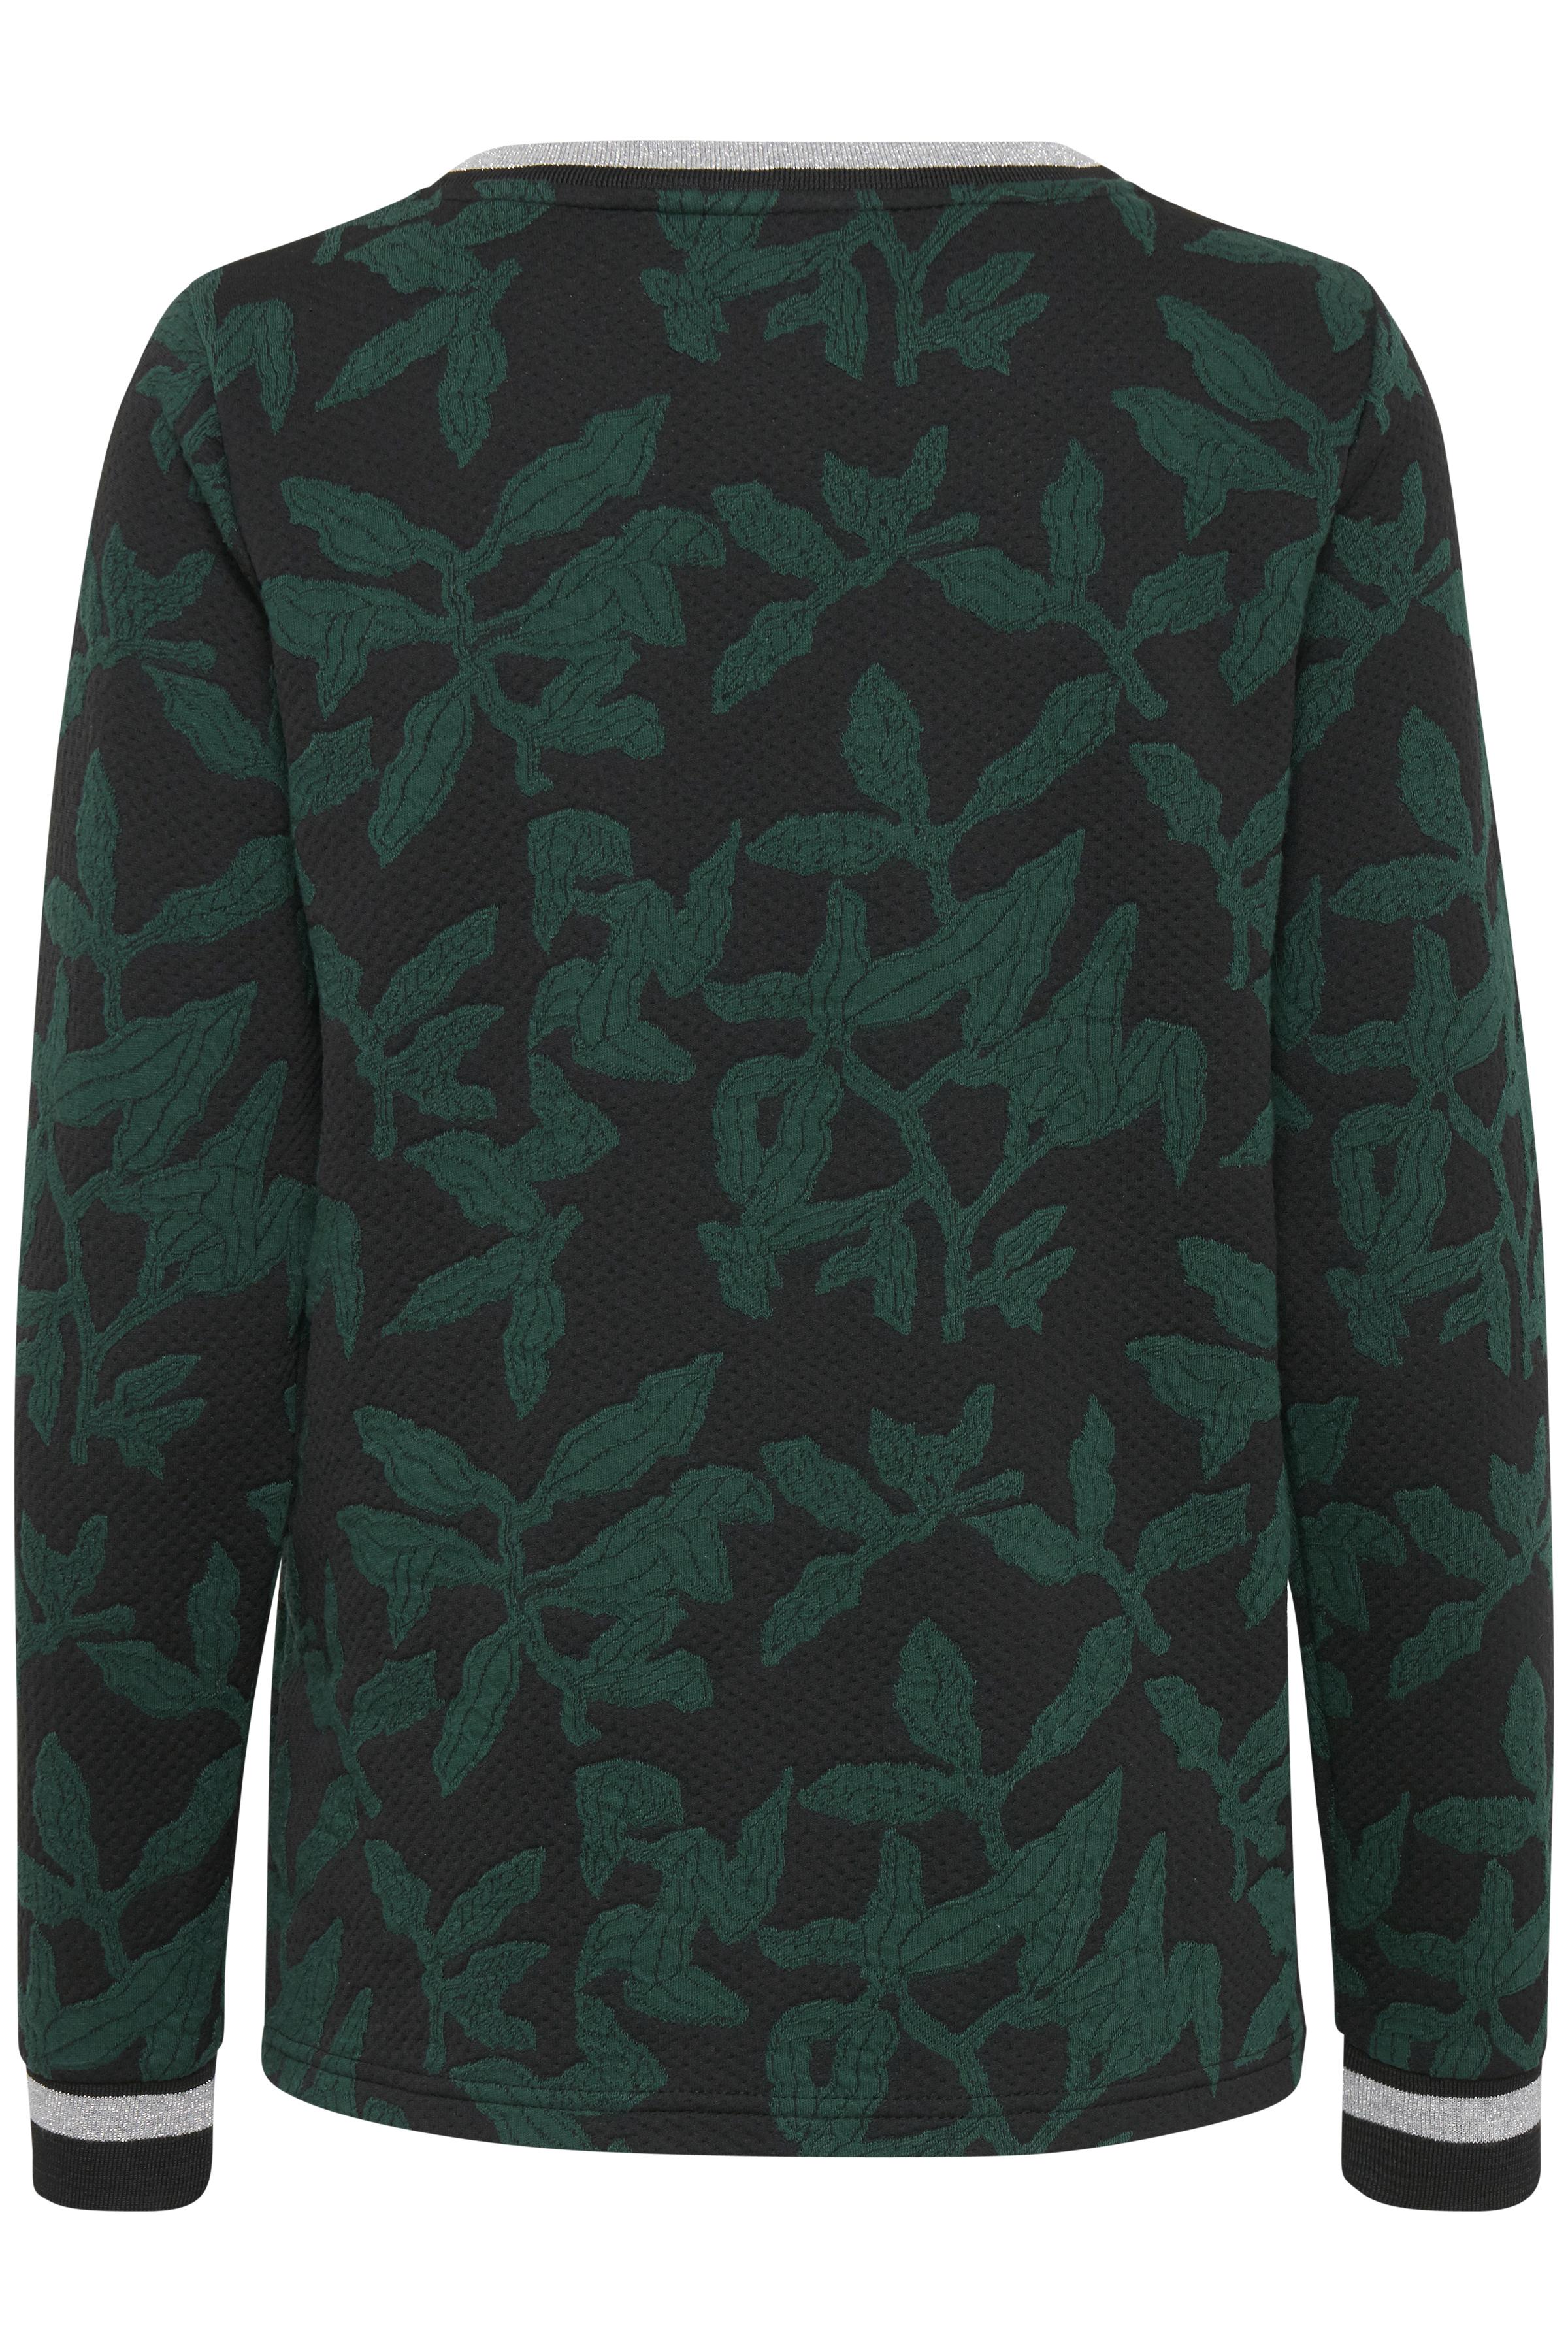 Schwarz/flaschengrün Sweatshirt von Dranella – Shoppen Sie Schwarz/flaschengrün Sweatshirt ab Gr. XS-XXL hier